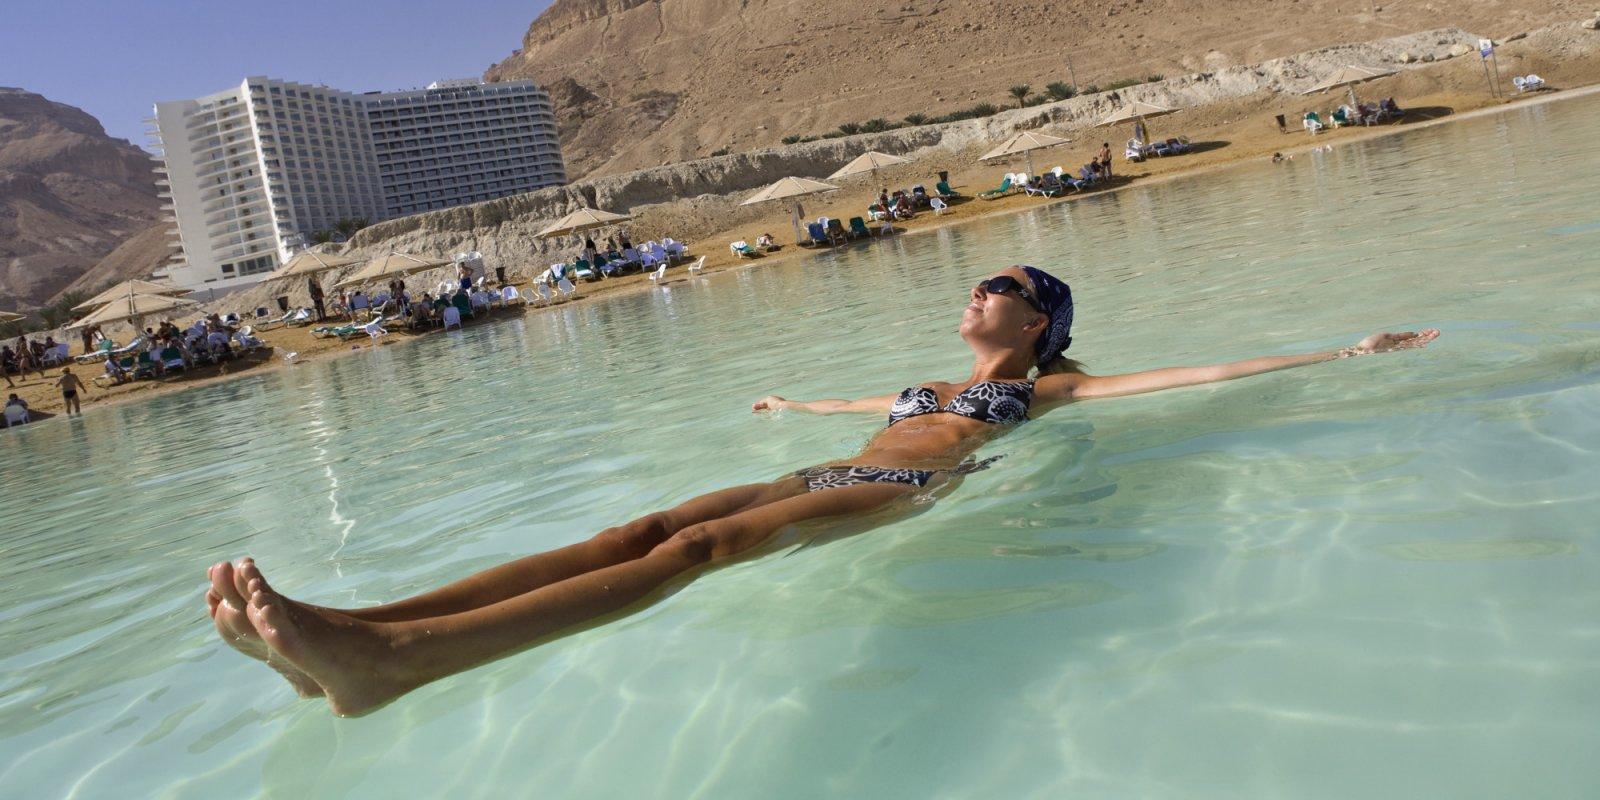 Целебные воды Мертвого моря!